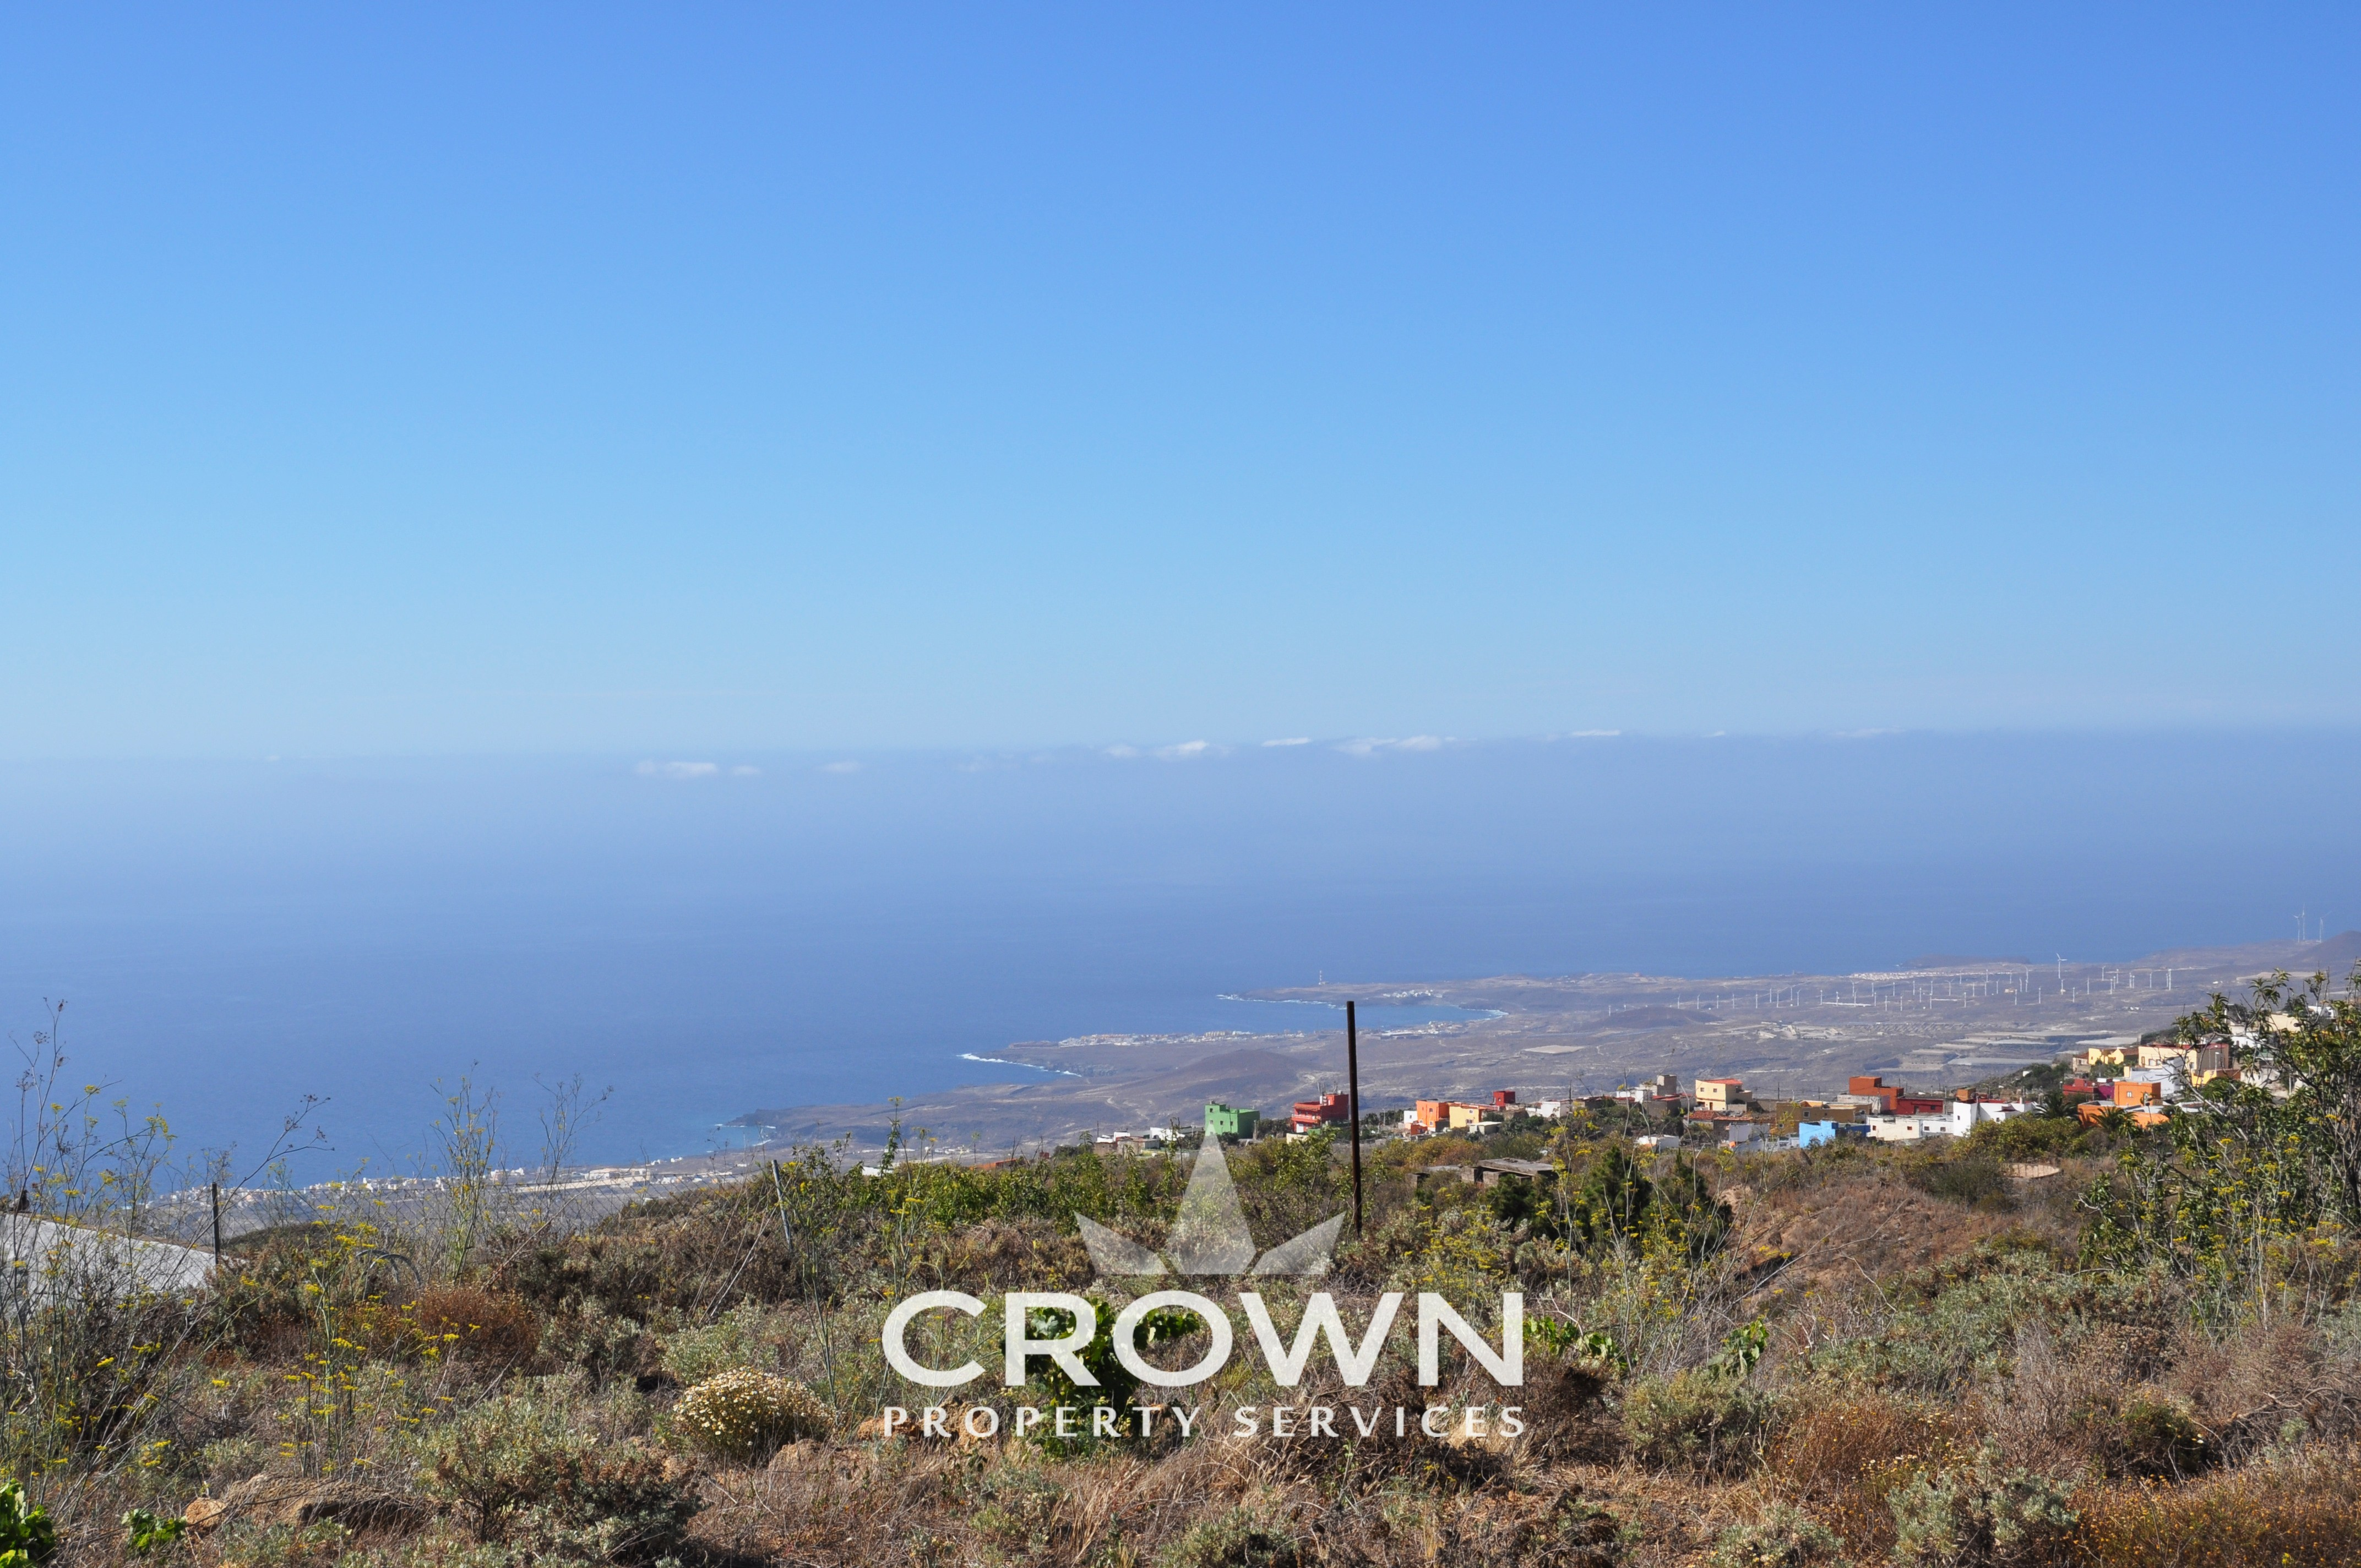 797 M2 Rustic Land in El Aceradito ID: CPL020